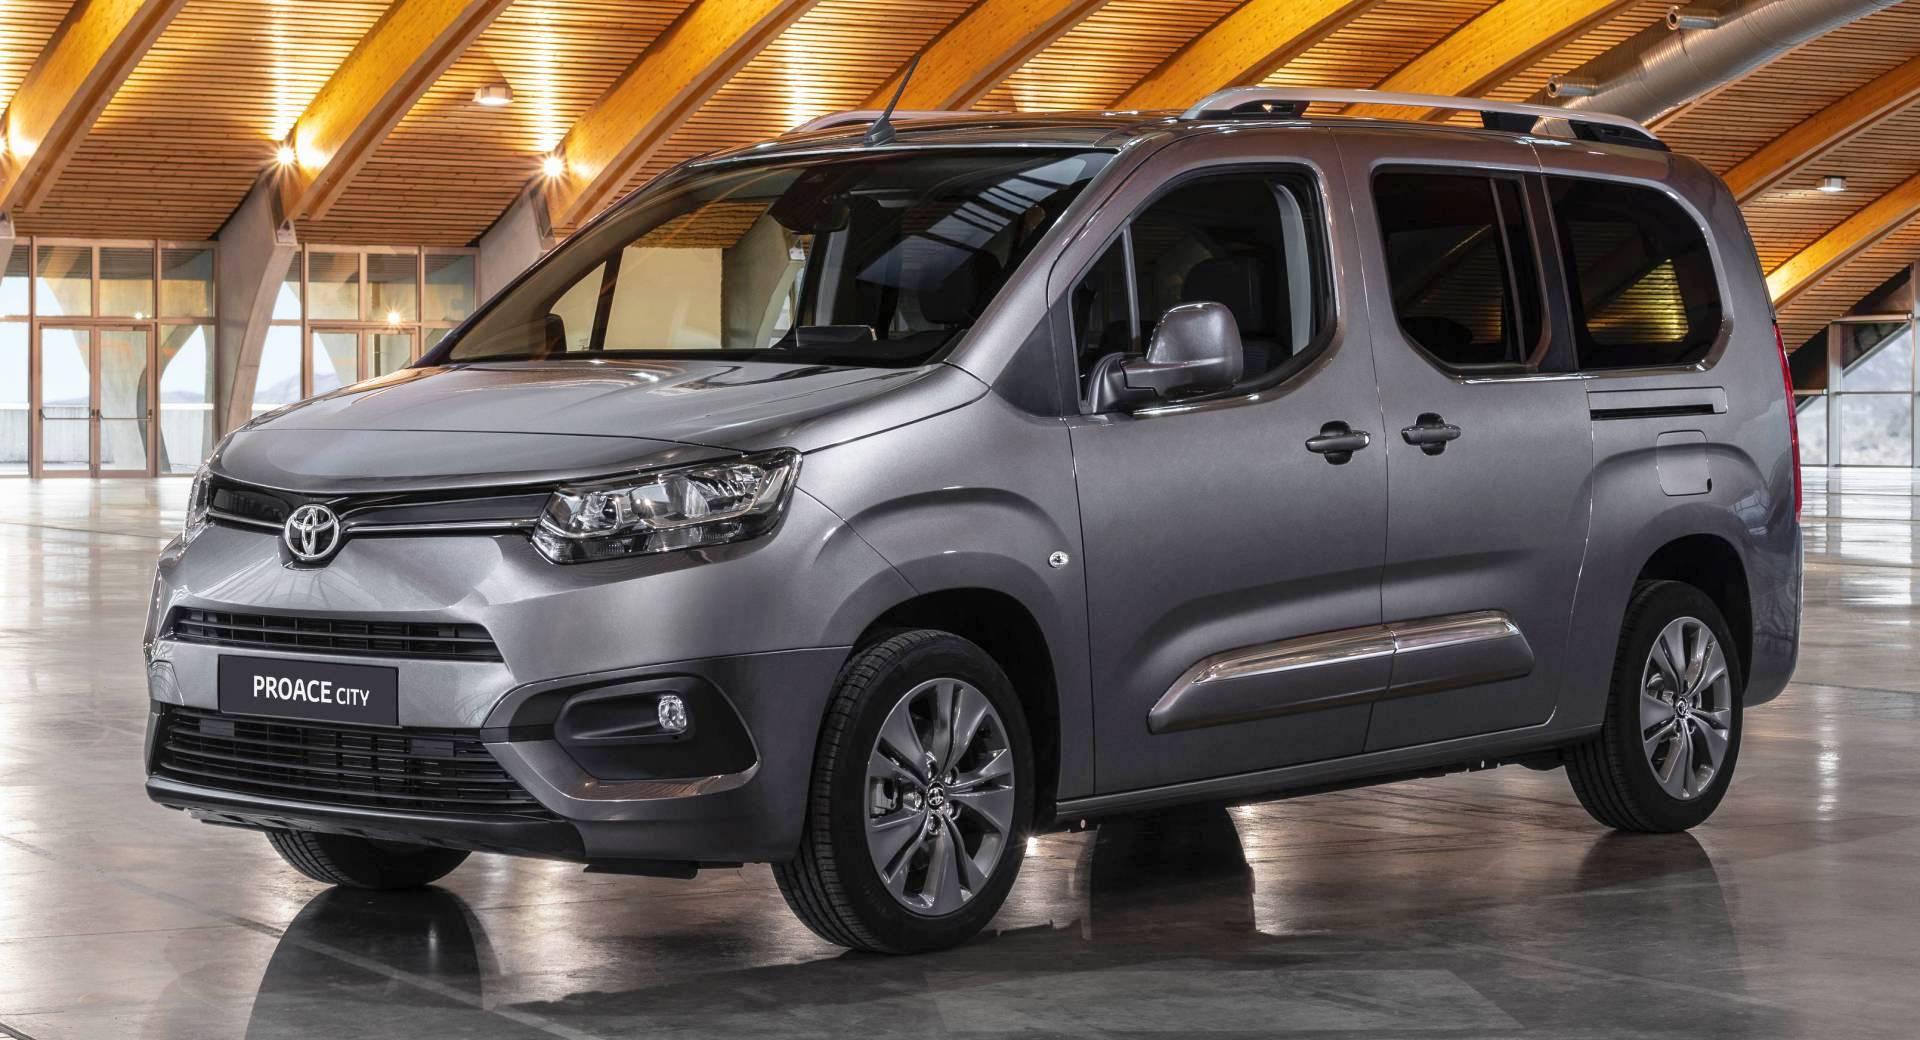 Kelebihan Toyota Pro Ace Perbandingan Harga